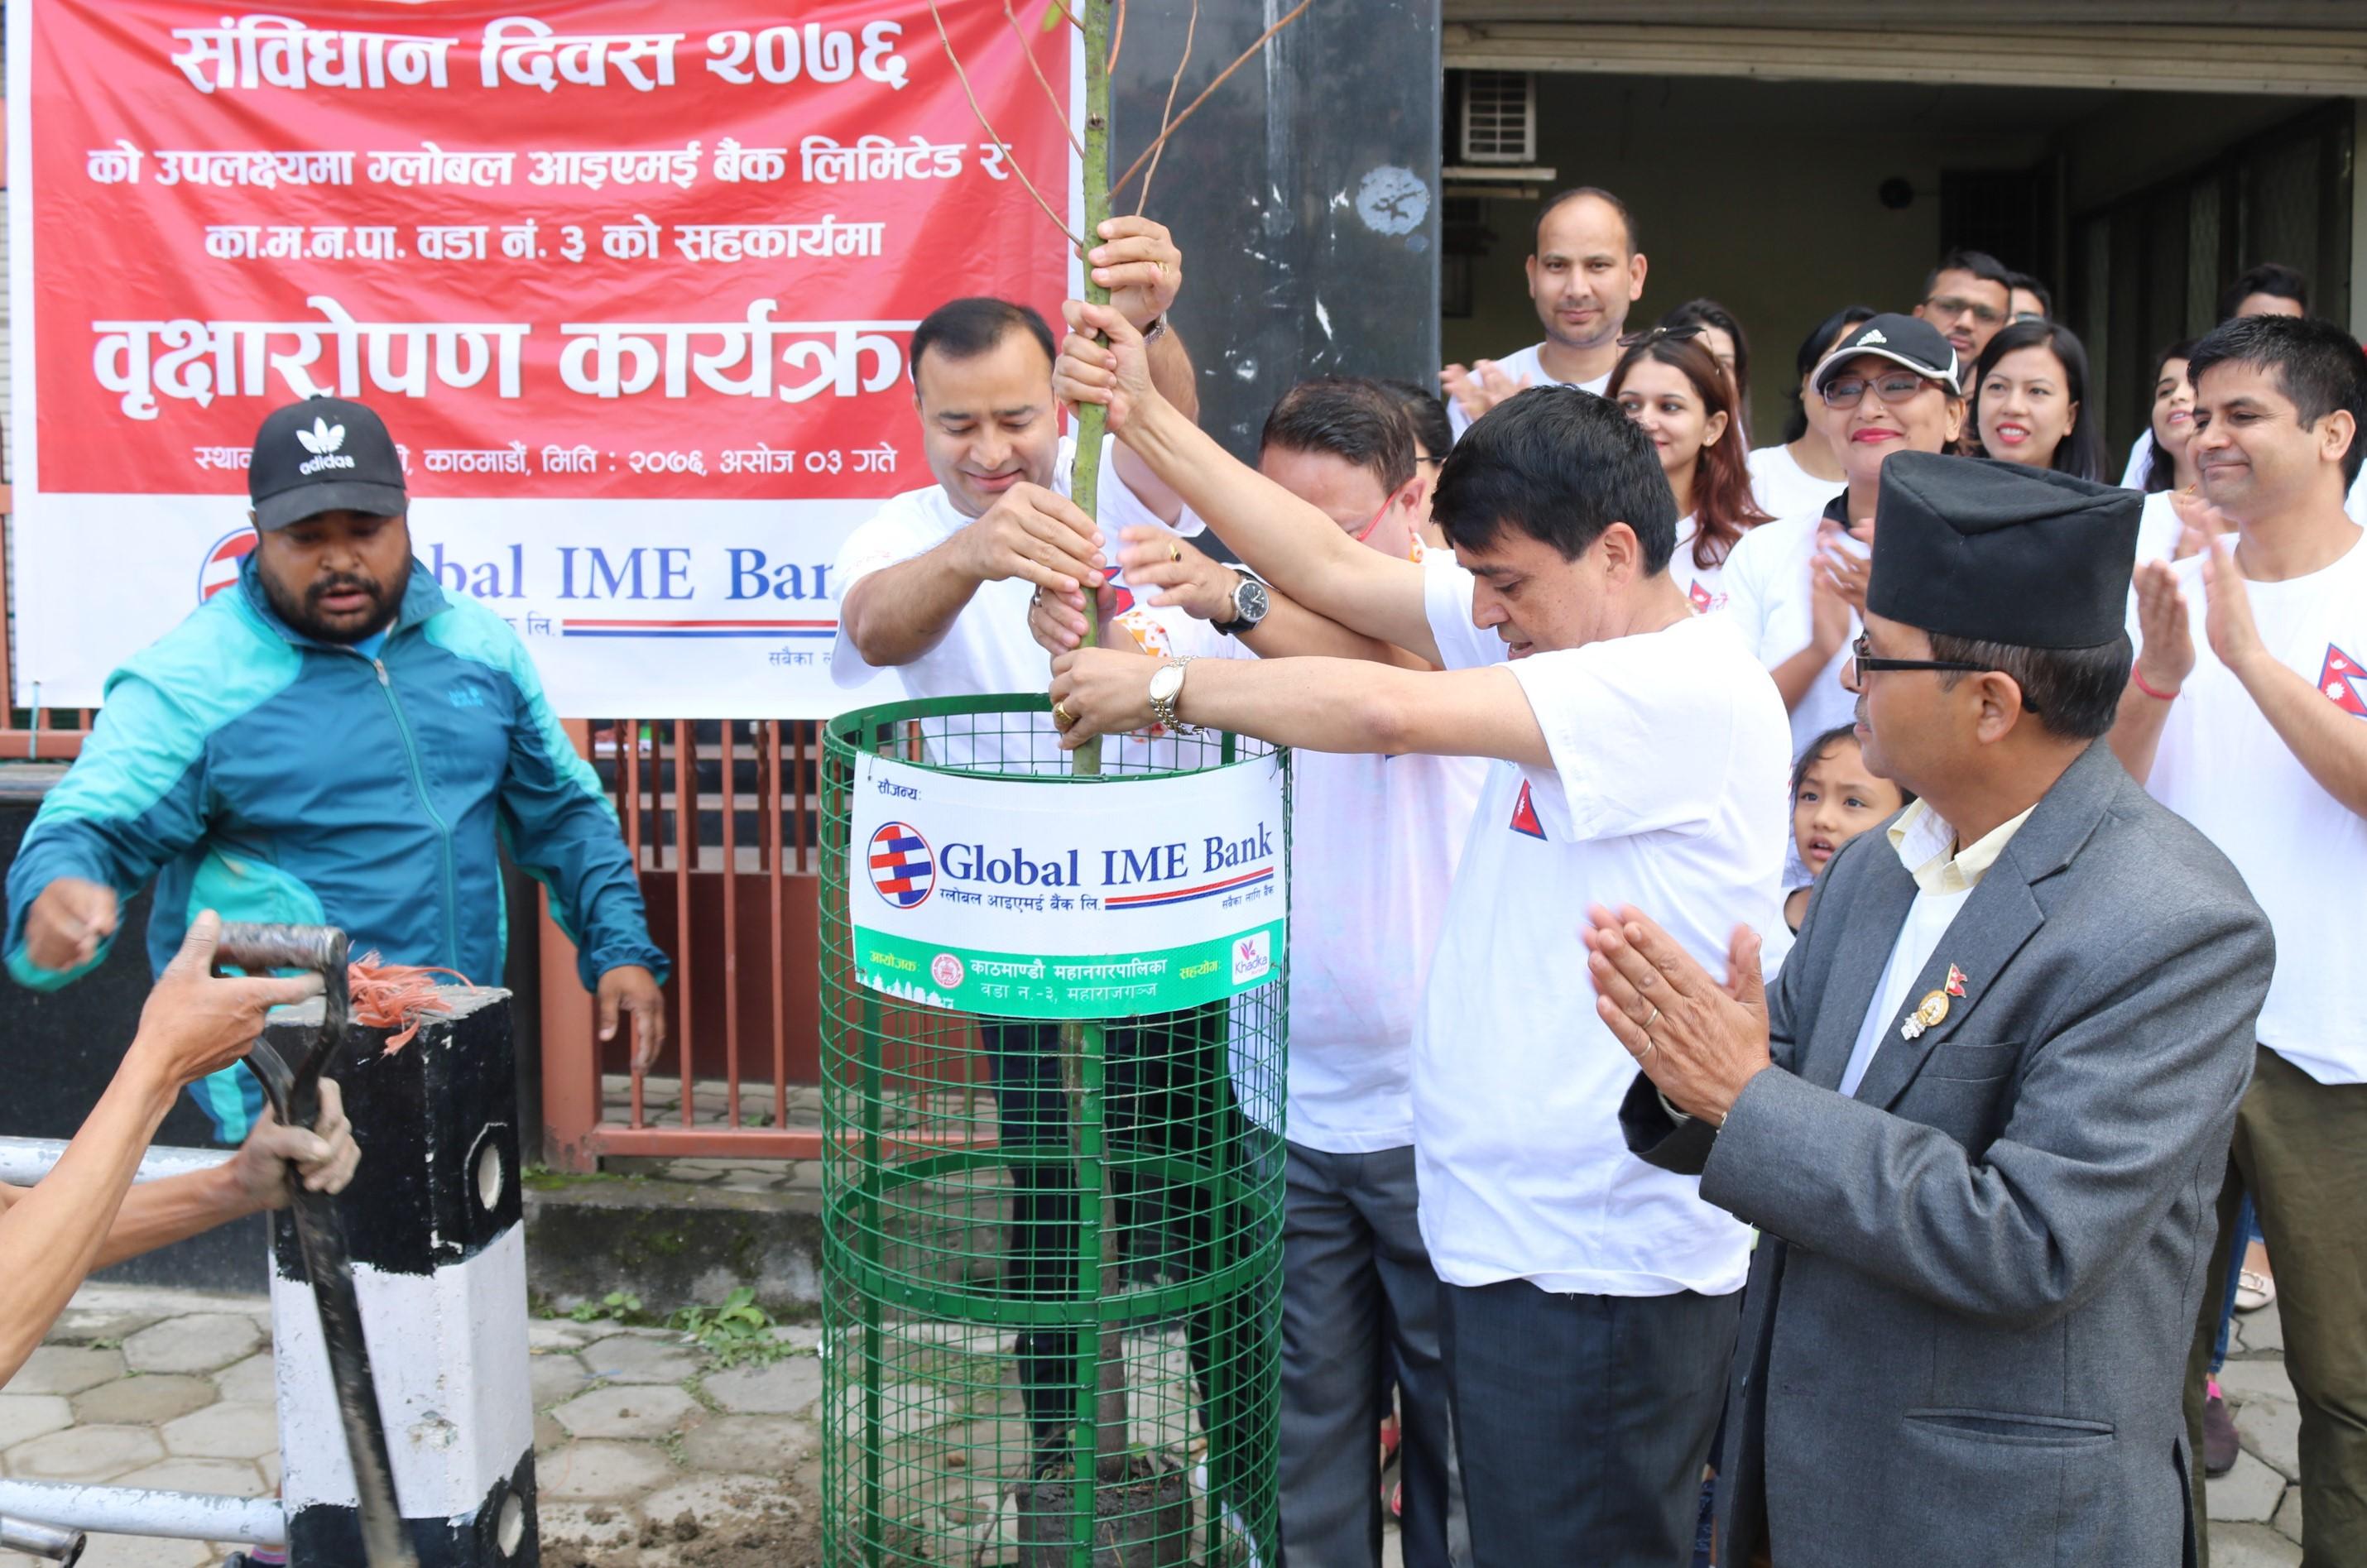 ग्लोबल आइएमई बैंकद्वारा वृक्षरोपण